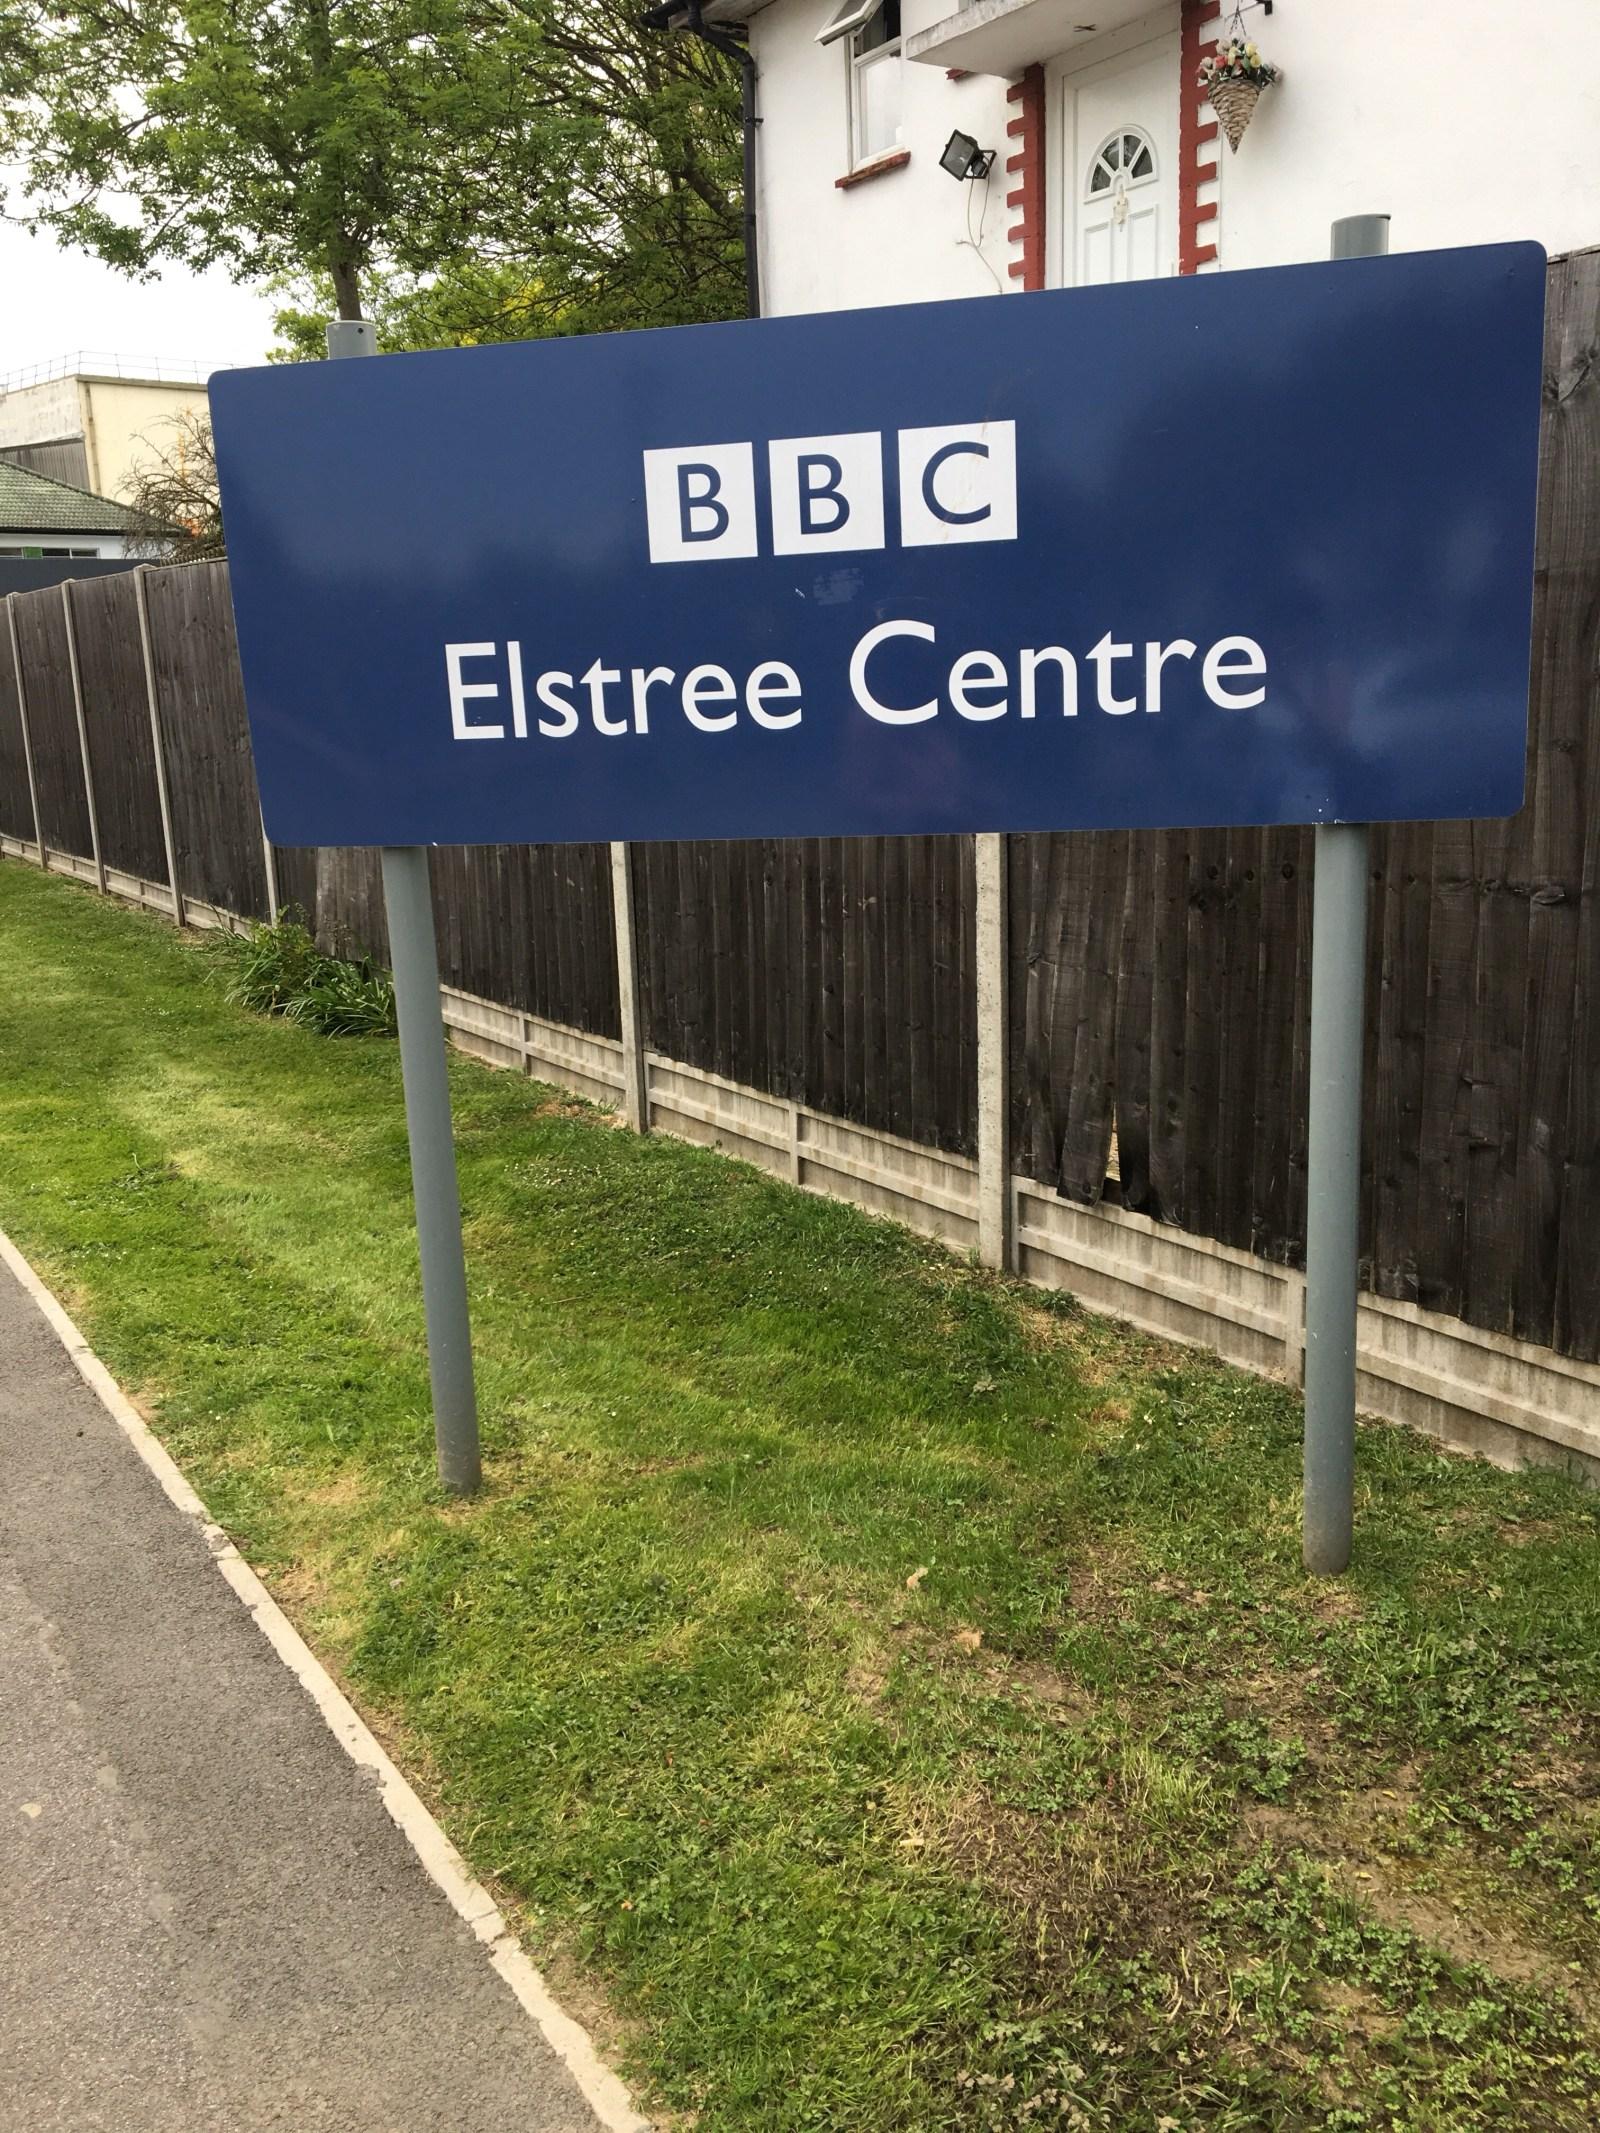 BBC Elstree Studios